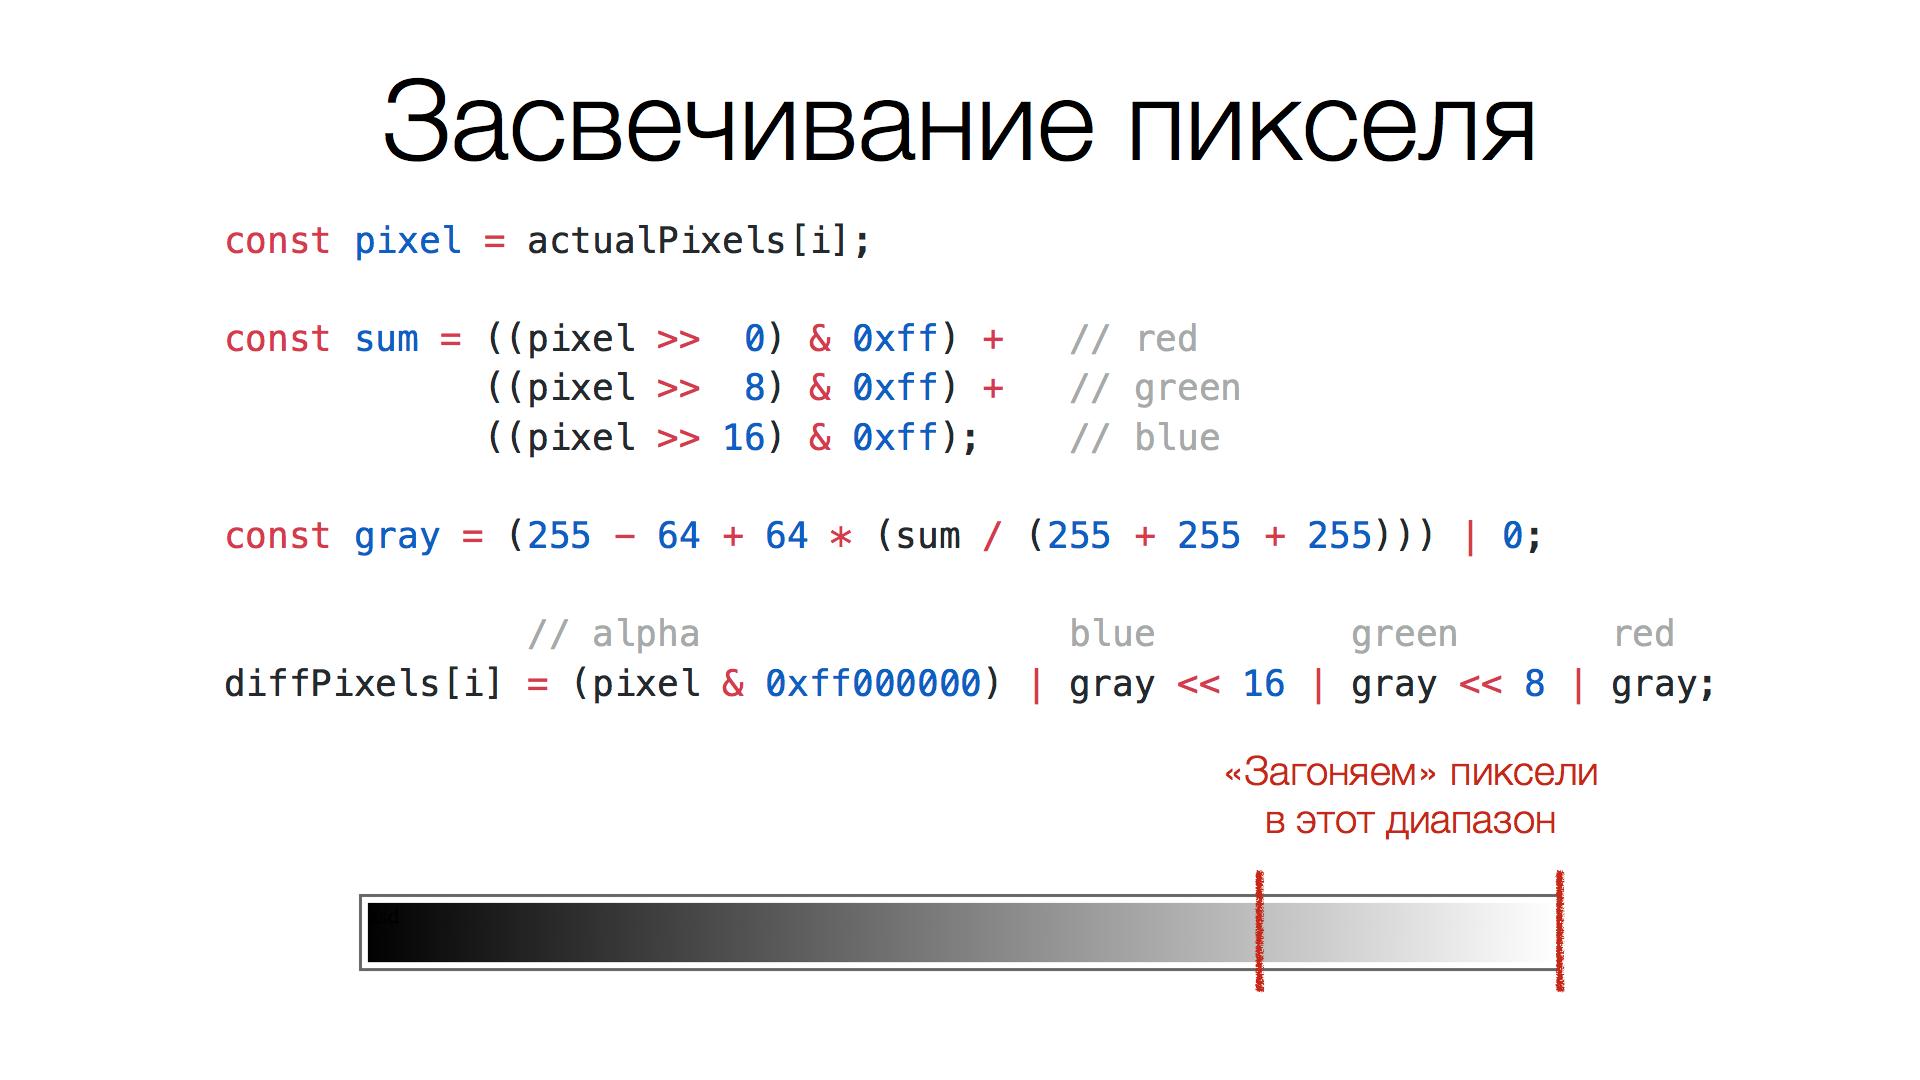 Unit-тестирование скриншотами: преодолеваем звуковой барьер. Расшифровка доклада - 32